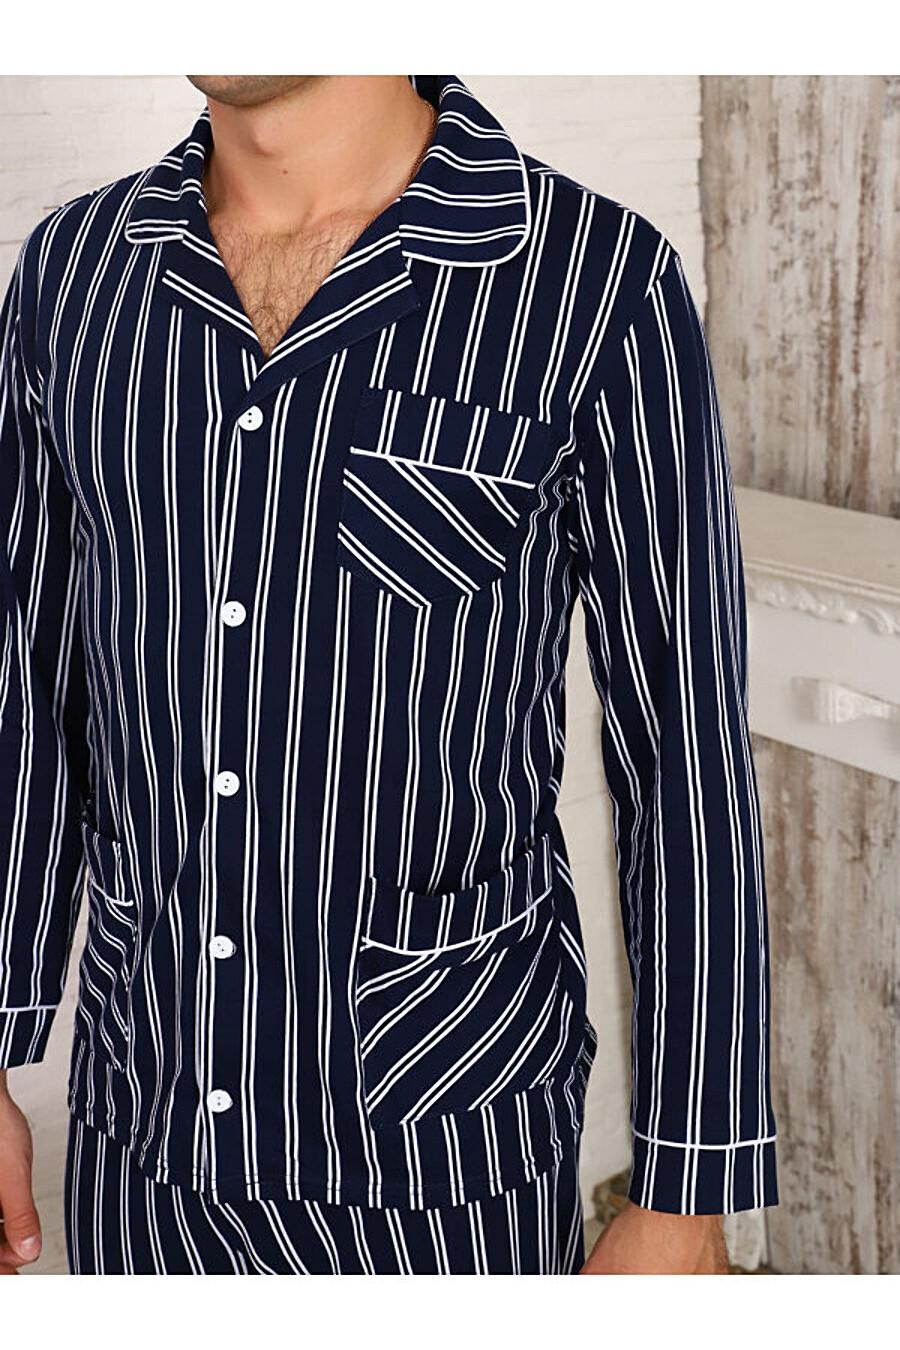 Костюм(Брюки+рубашка) СОФИЯ37 (708043), купить в Moyo.moda